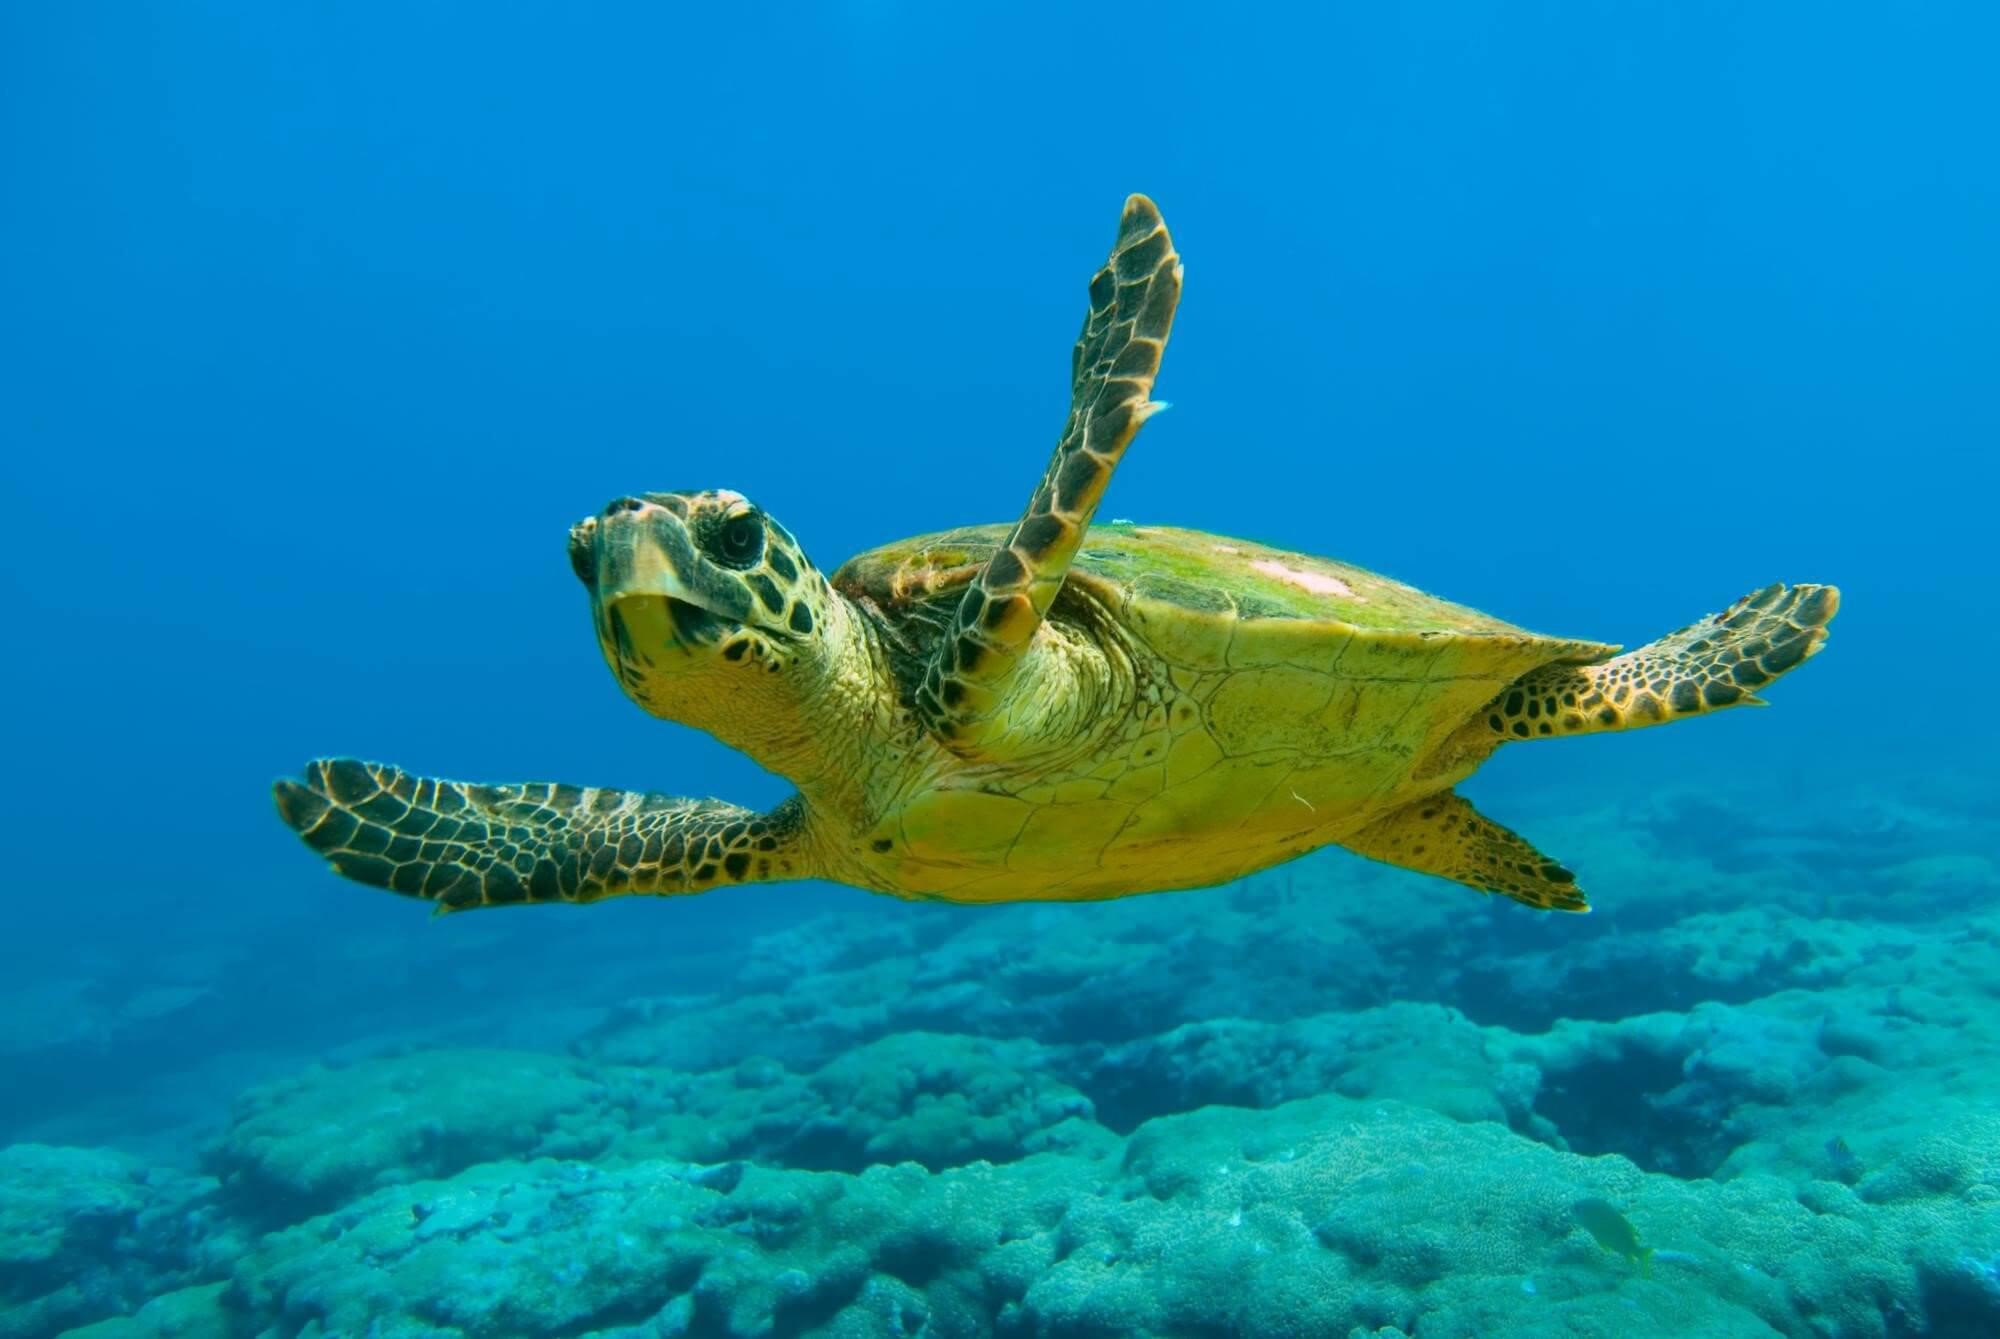 Εντοπισμός τραυματισμένης θαλάσσιας χελώνας στο Κερατσίνι